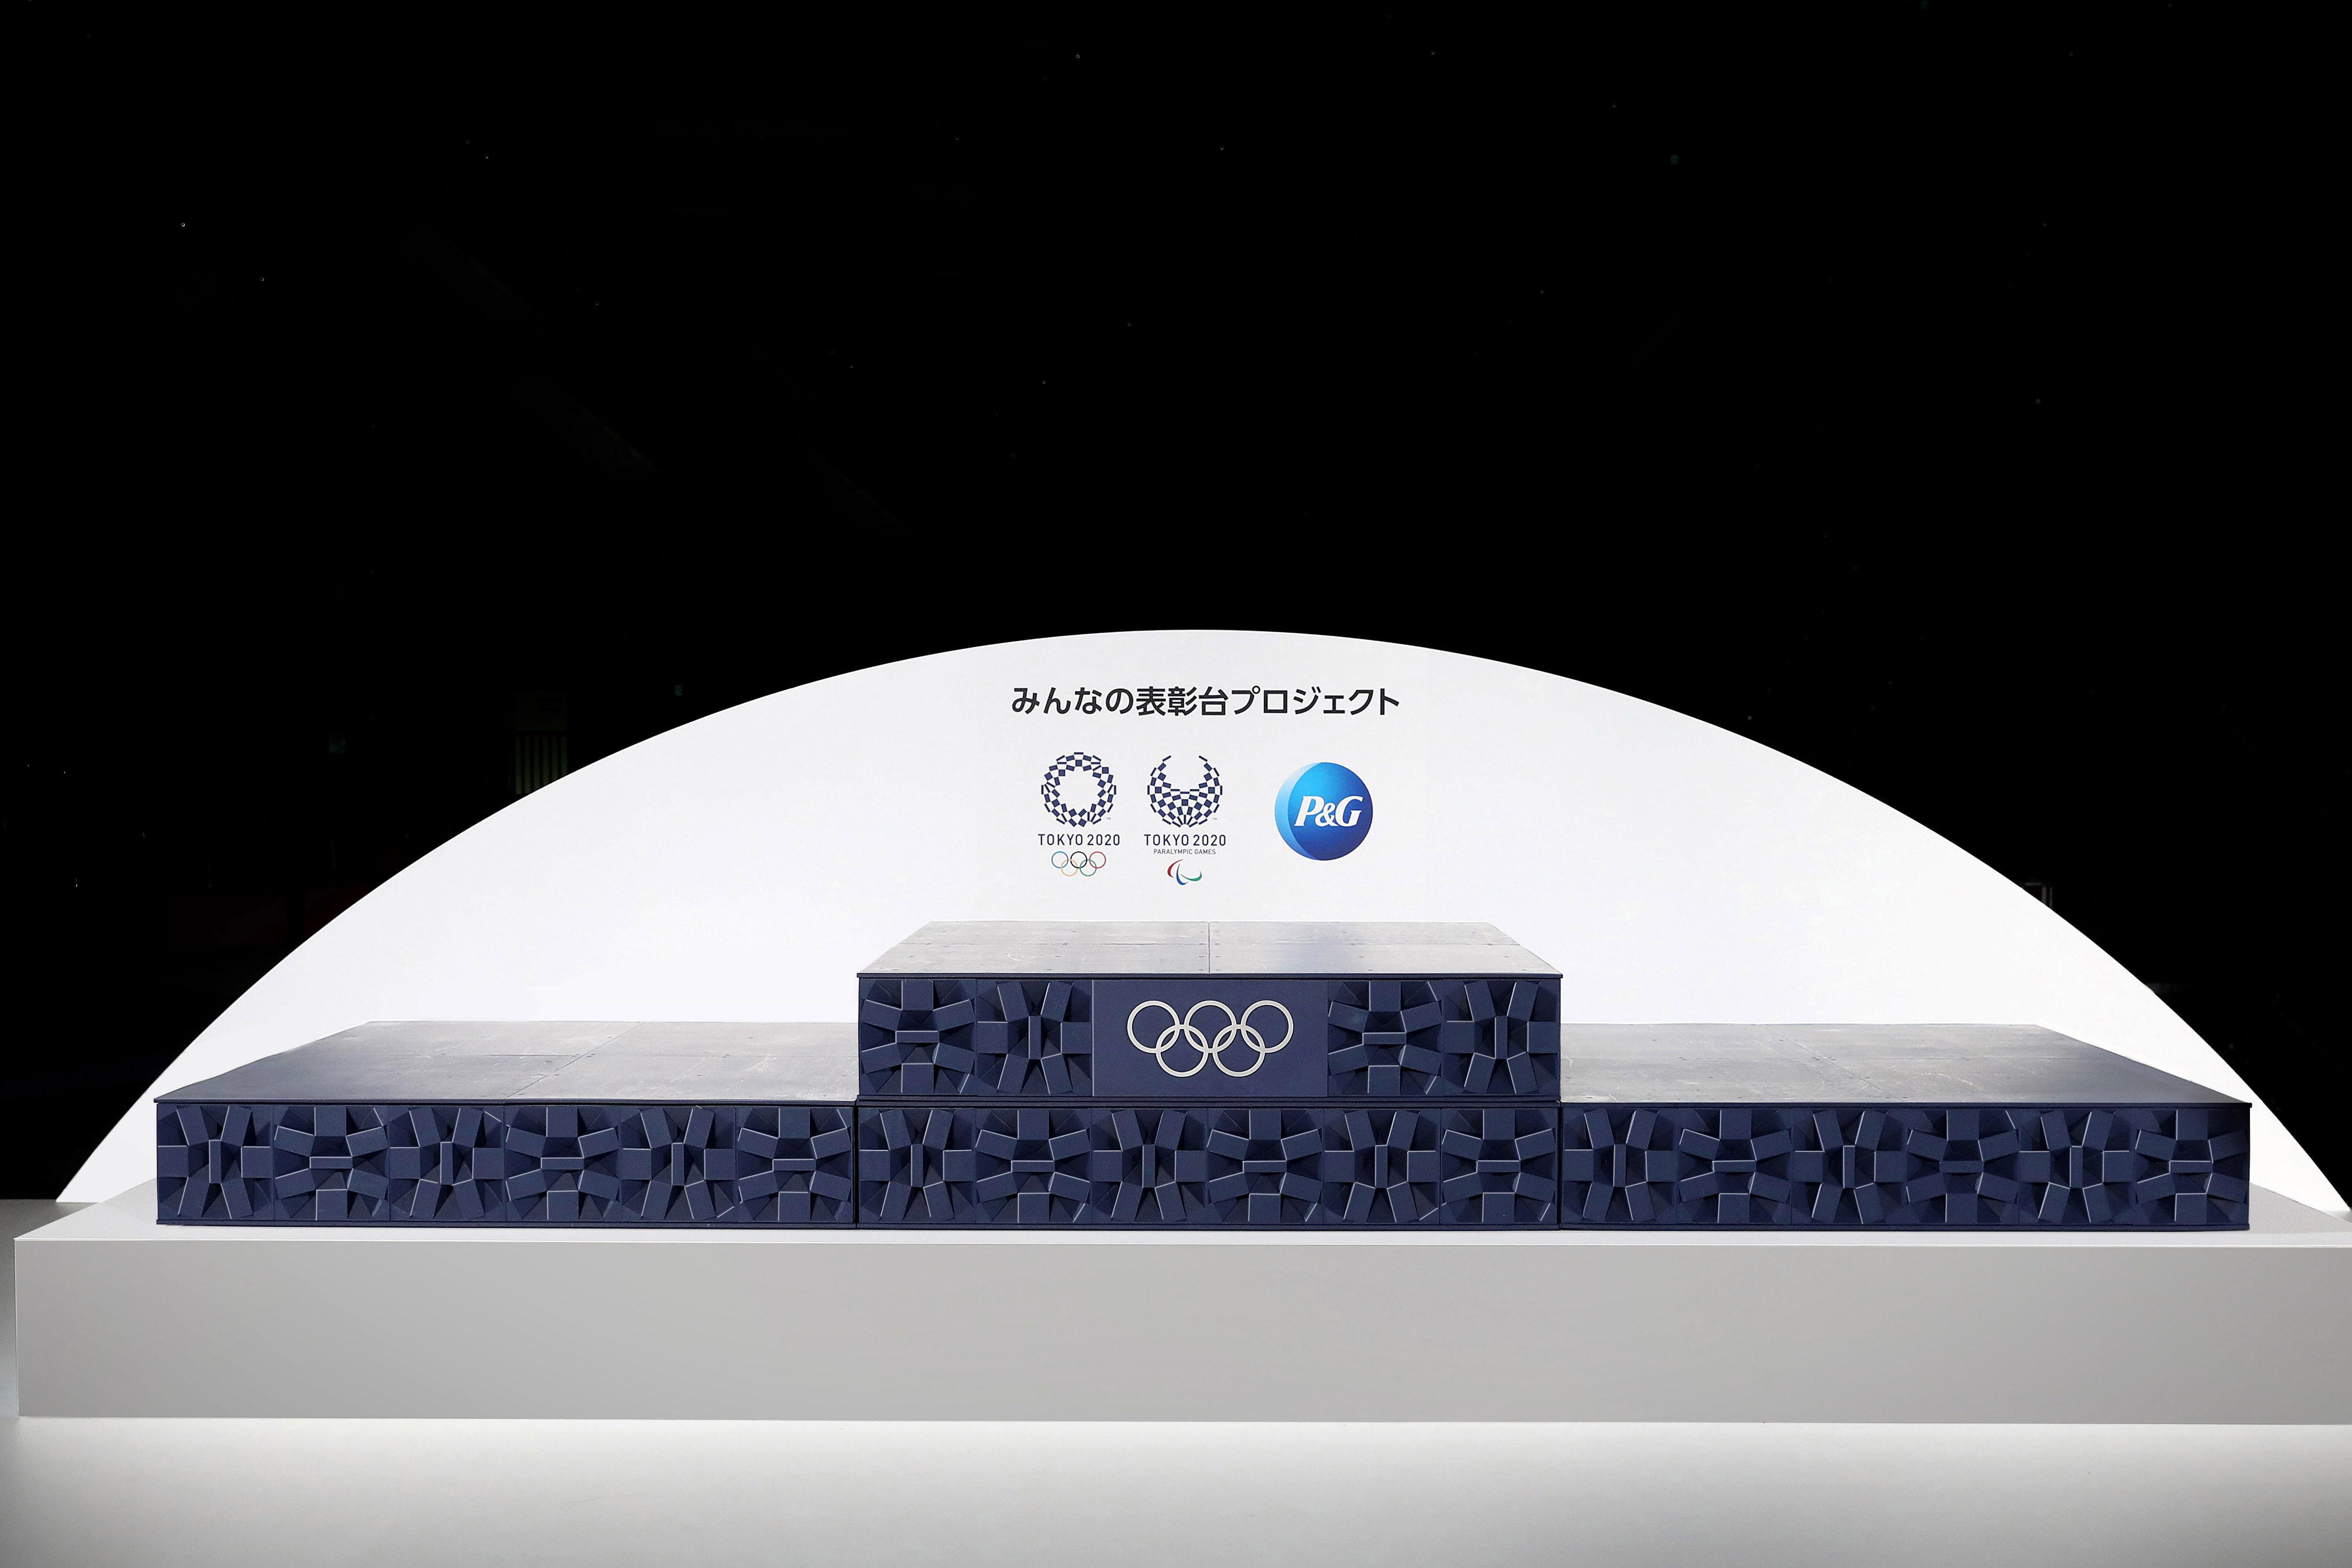 Photo Procter Gamble Enthullt Zusammen Mit Dem Organisationskomitee Der Olympischen Spiele Tokio 2020 Und Dem Internationalen Olympischen Komitee Das Aus Recyceltem Kunststoff Hergestellte Siegerehrungspodium Der Olympischen Und Paralympischen